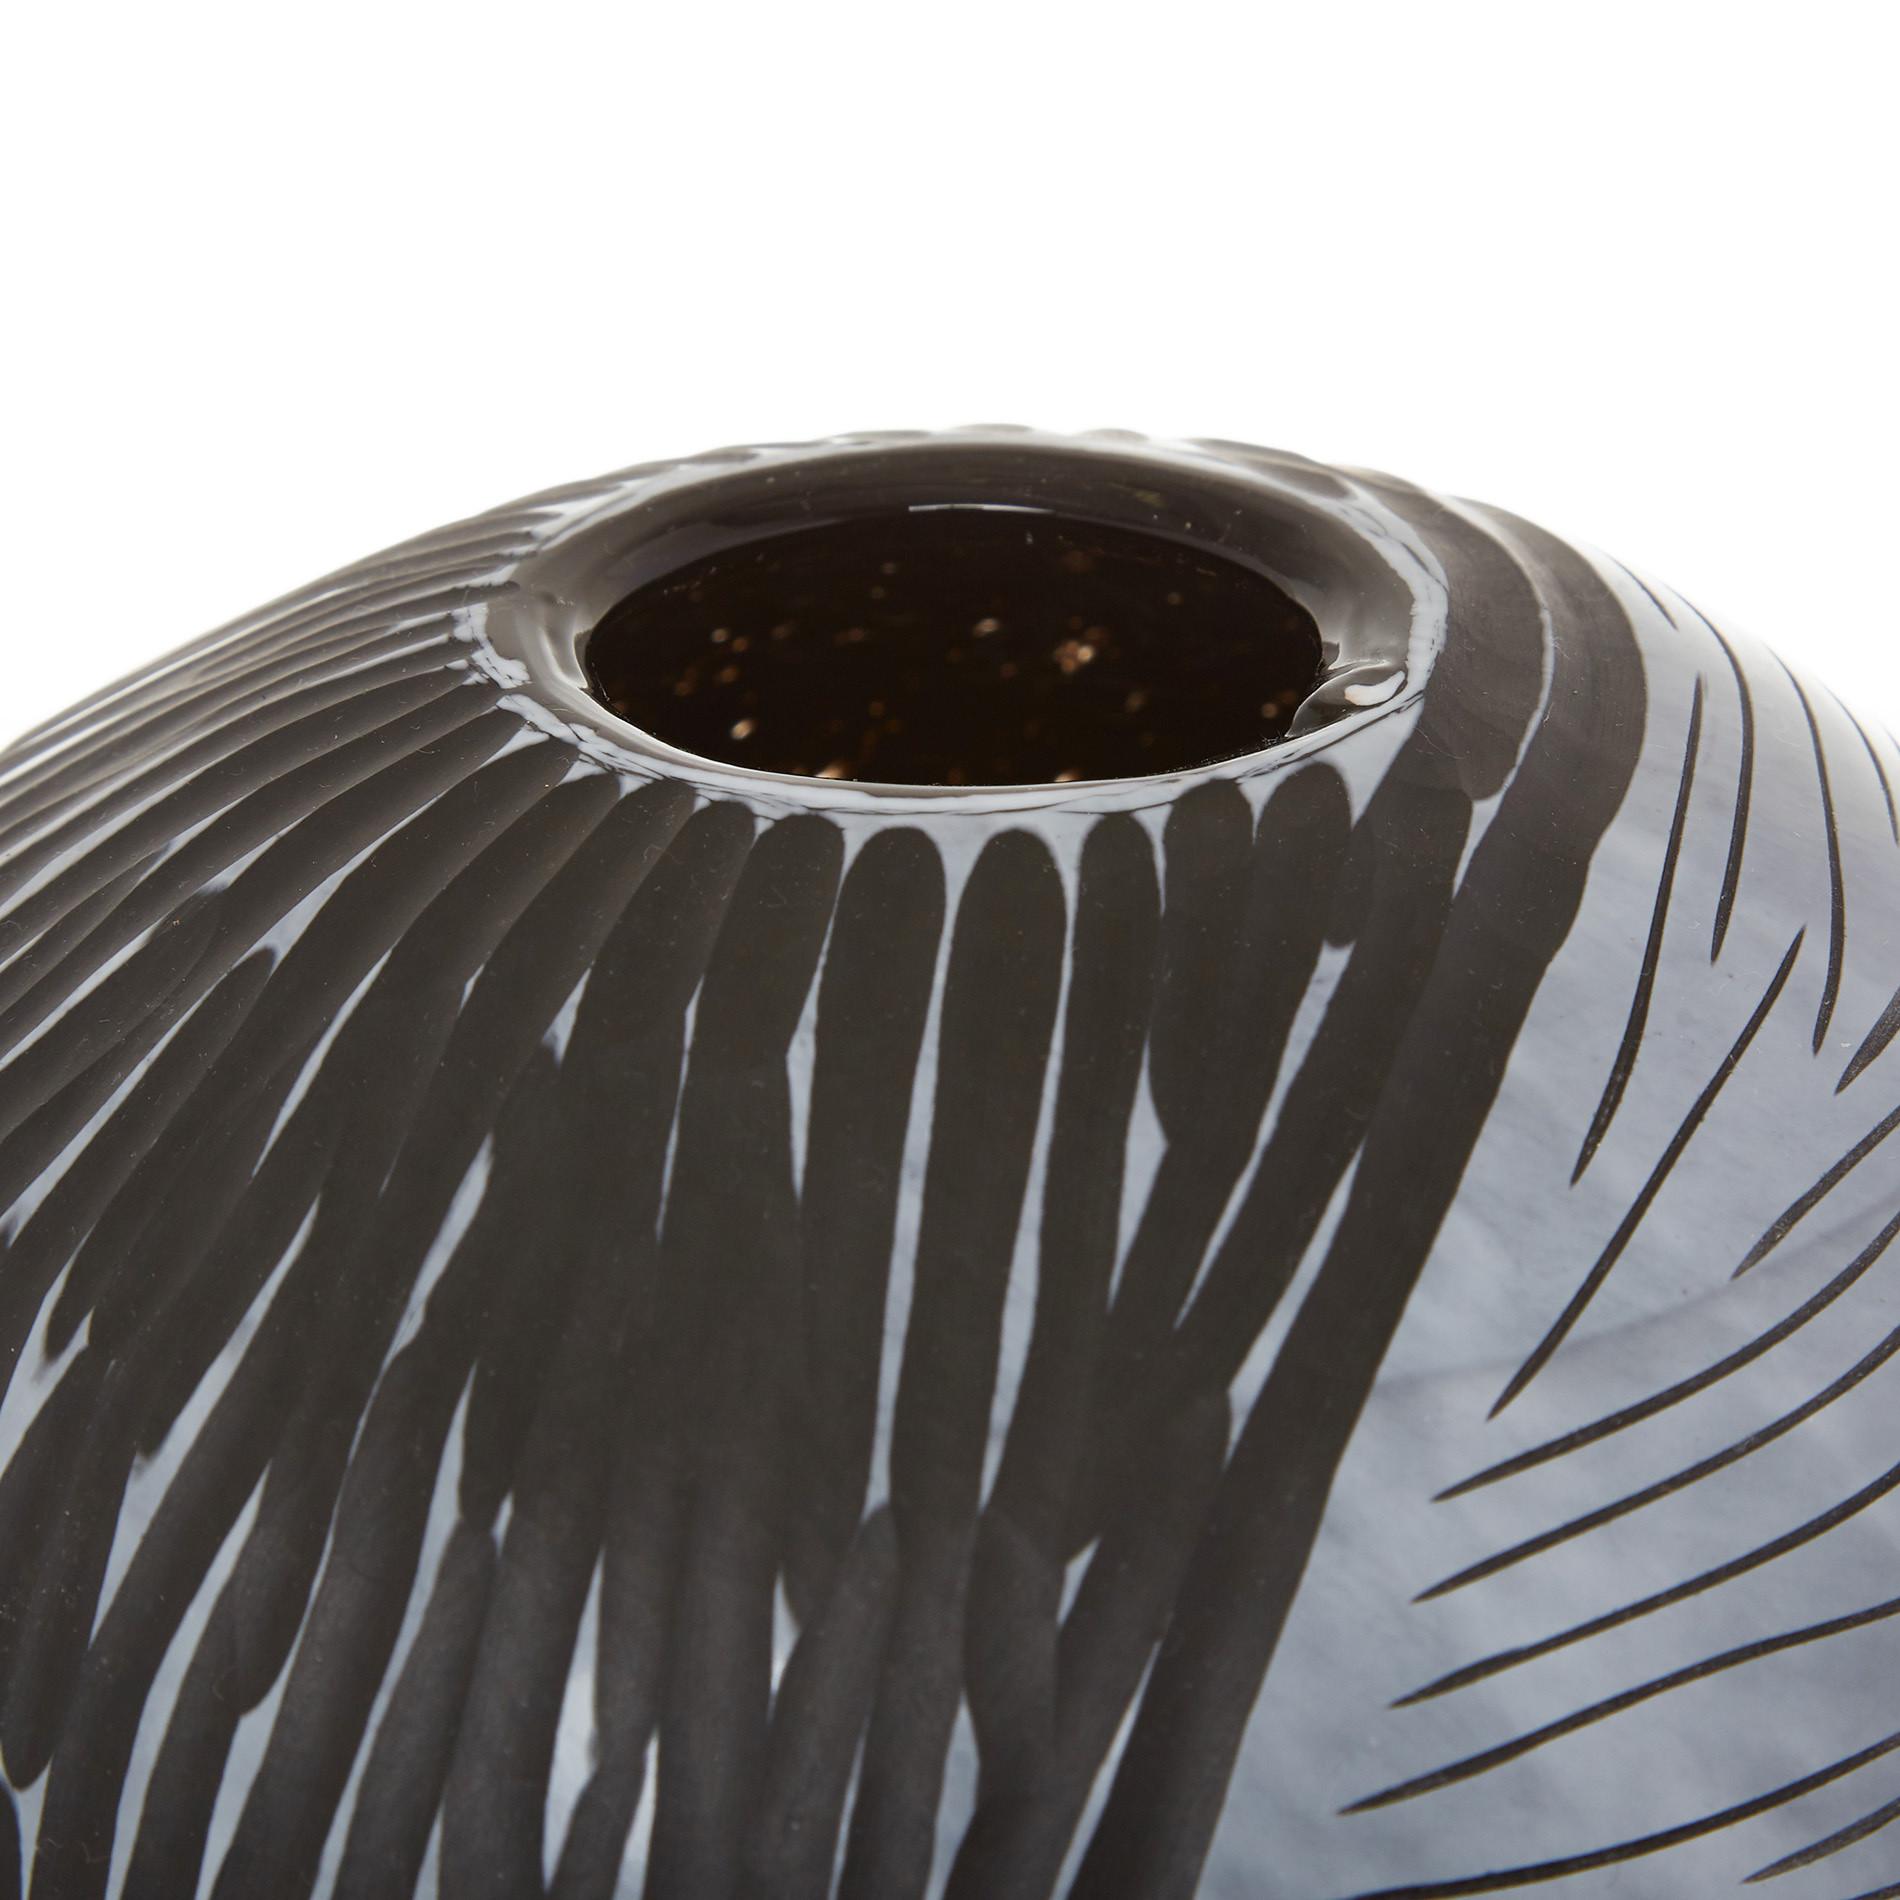 Vaso vetro colorato in pasta effetto striature, Nero, large image number 1